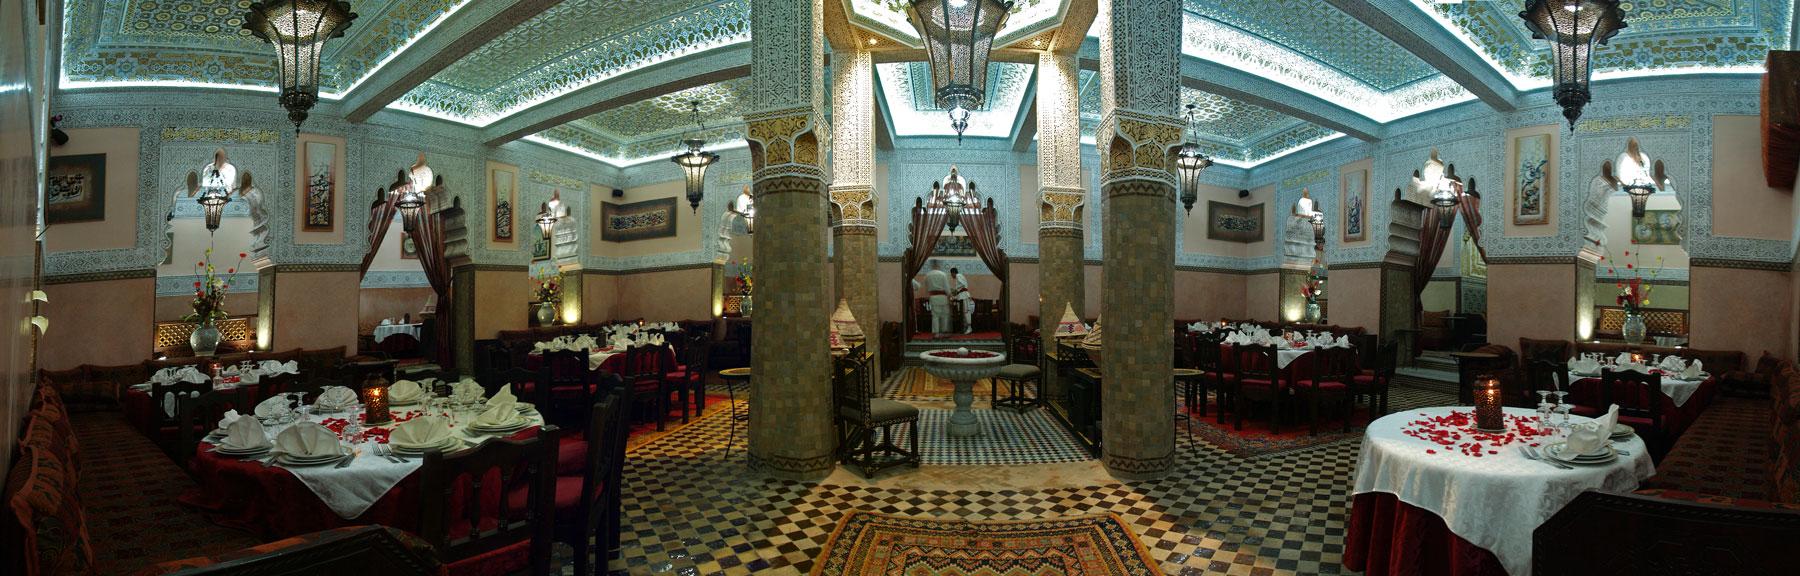 马拉喀什最好的餐厅